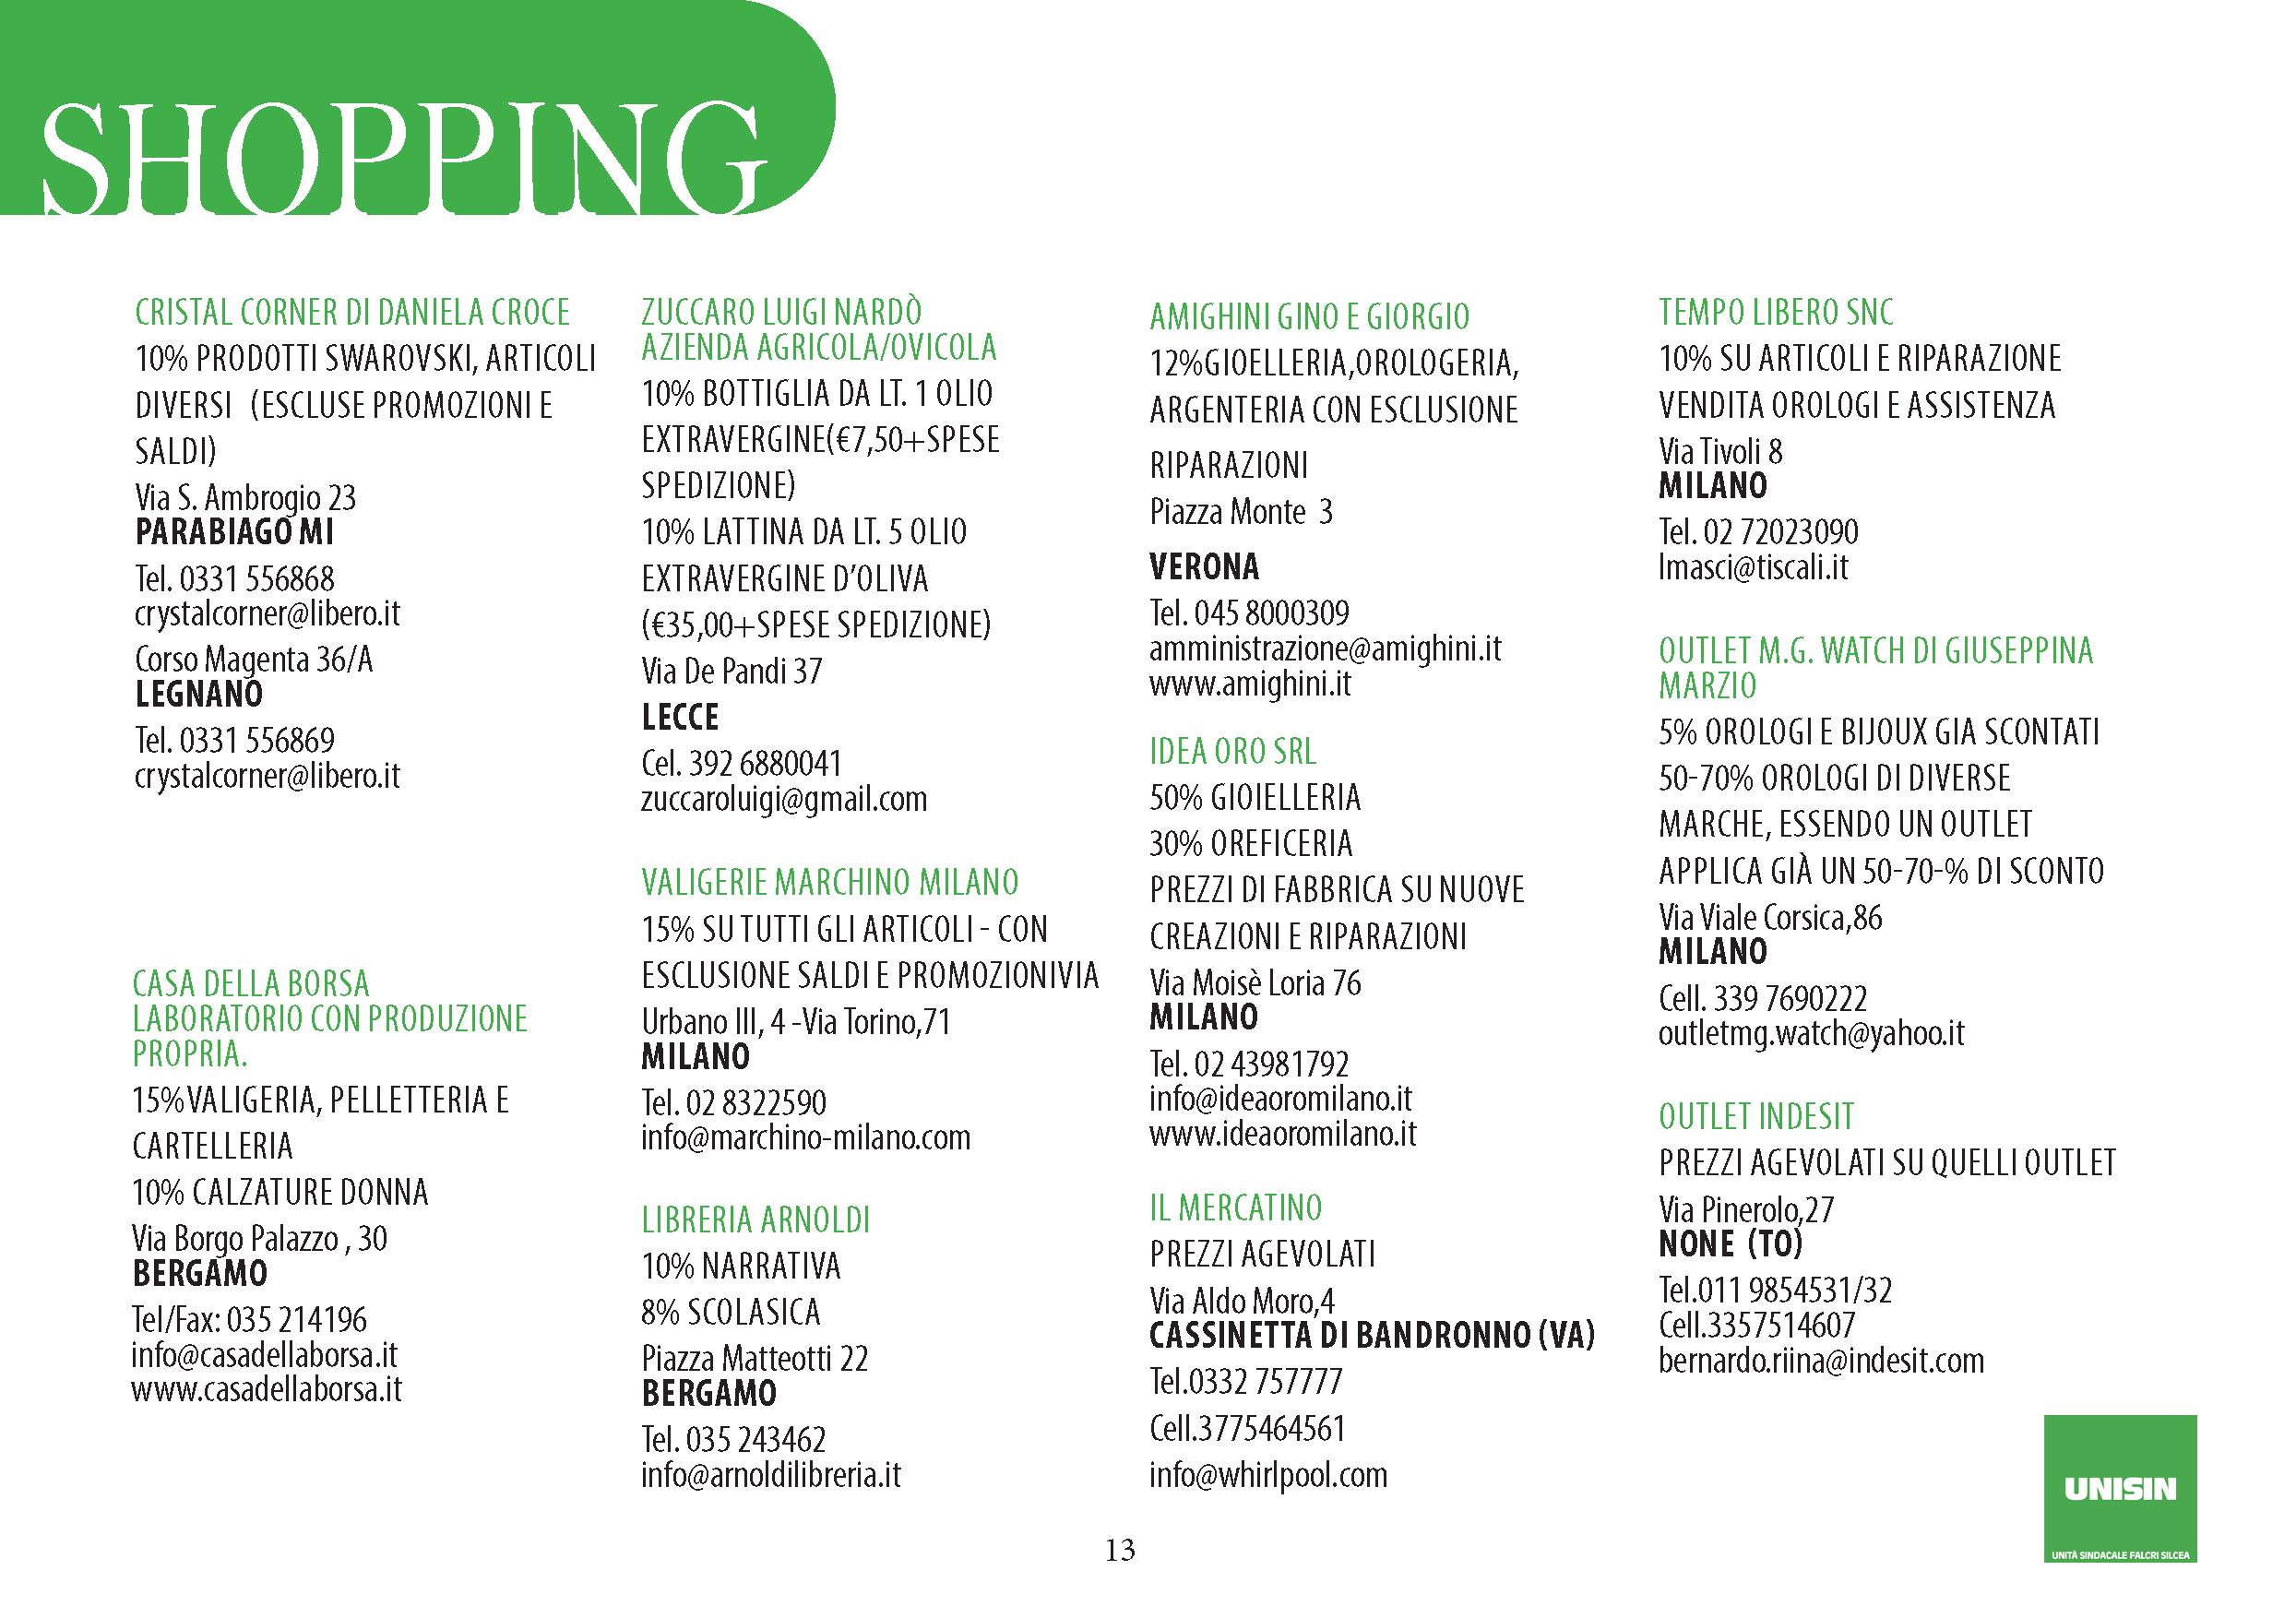 Shopping - convenzioni per gli iscritti Unisin del gruppo ...